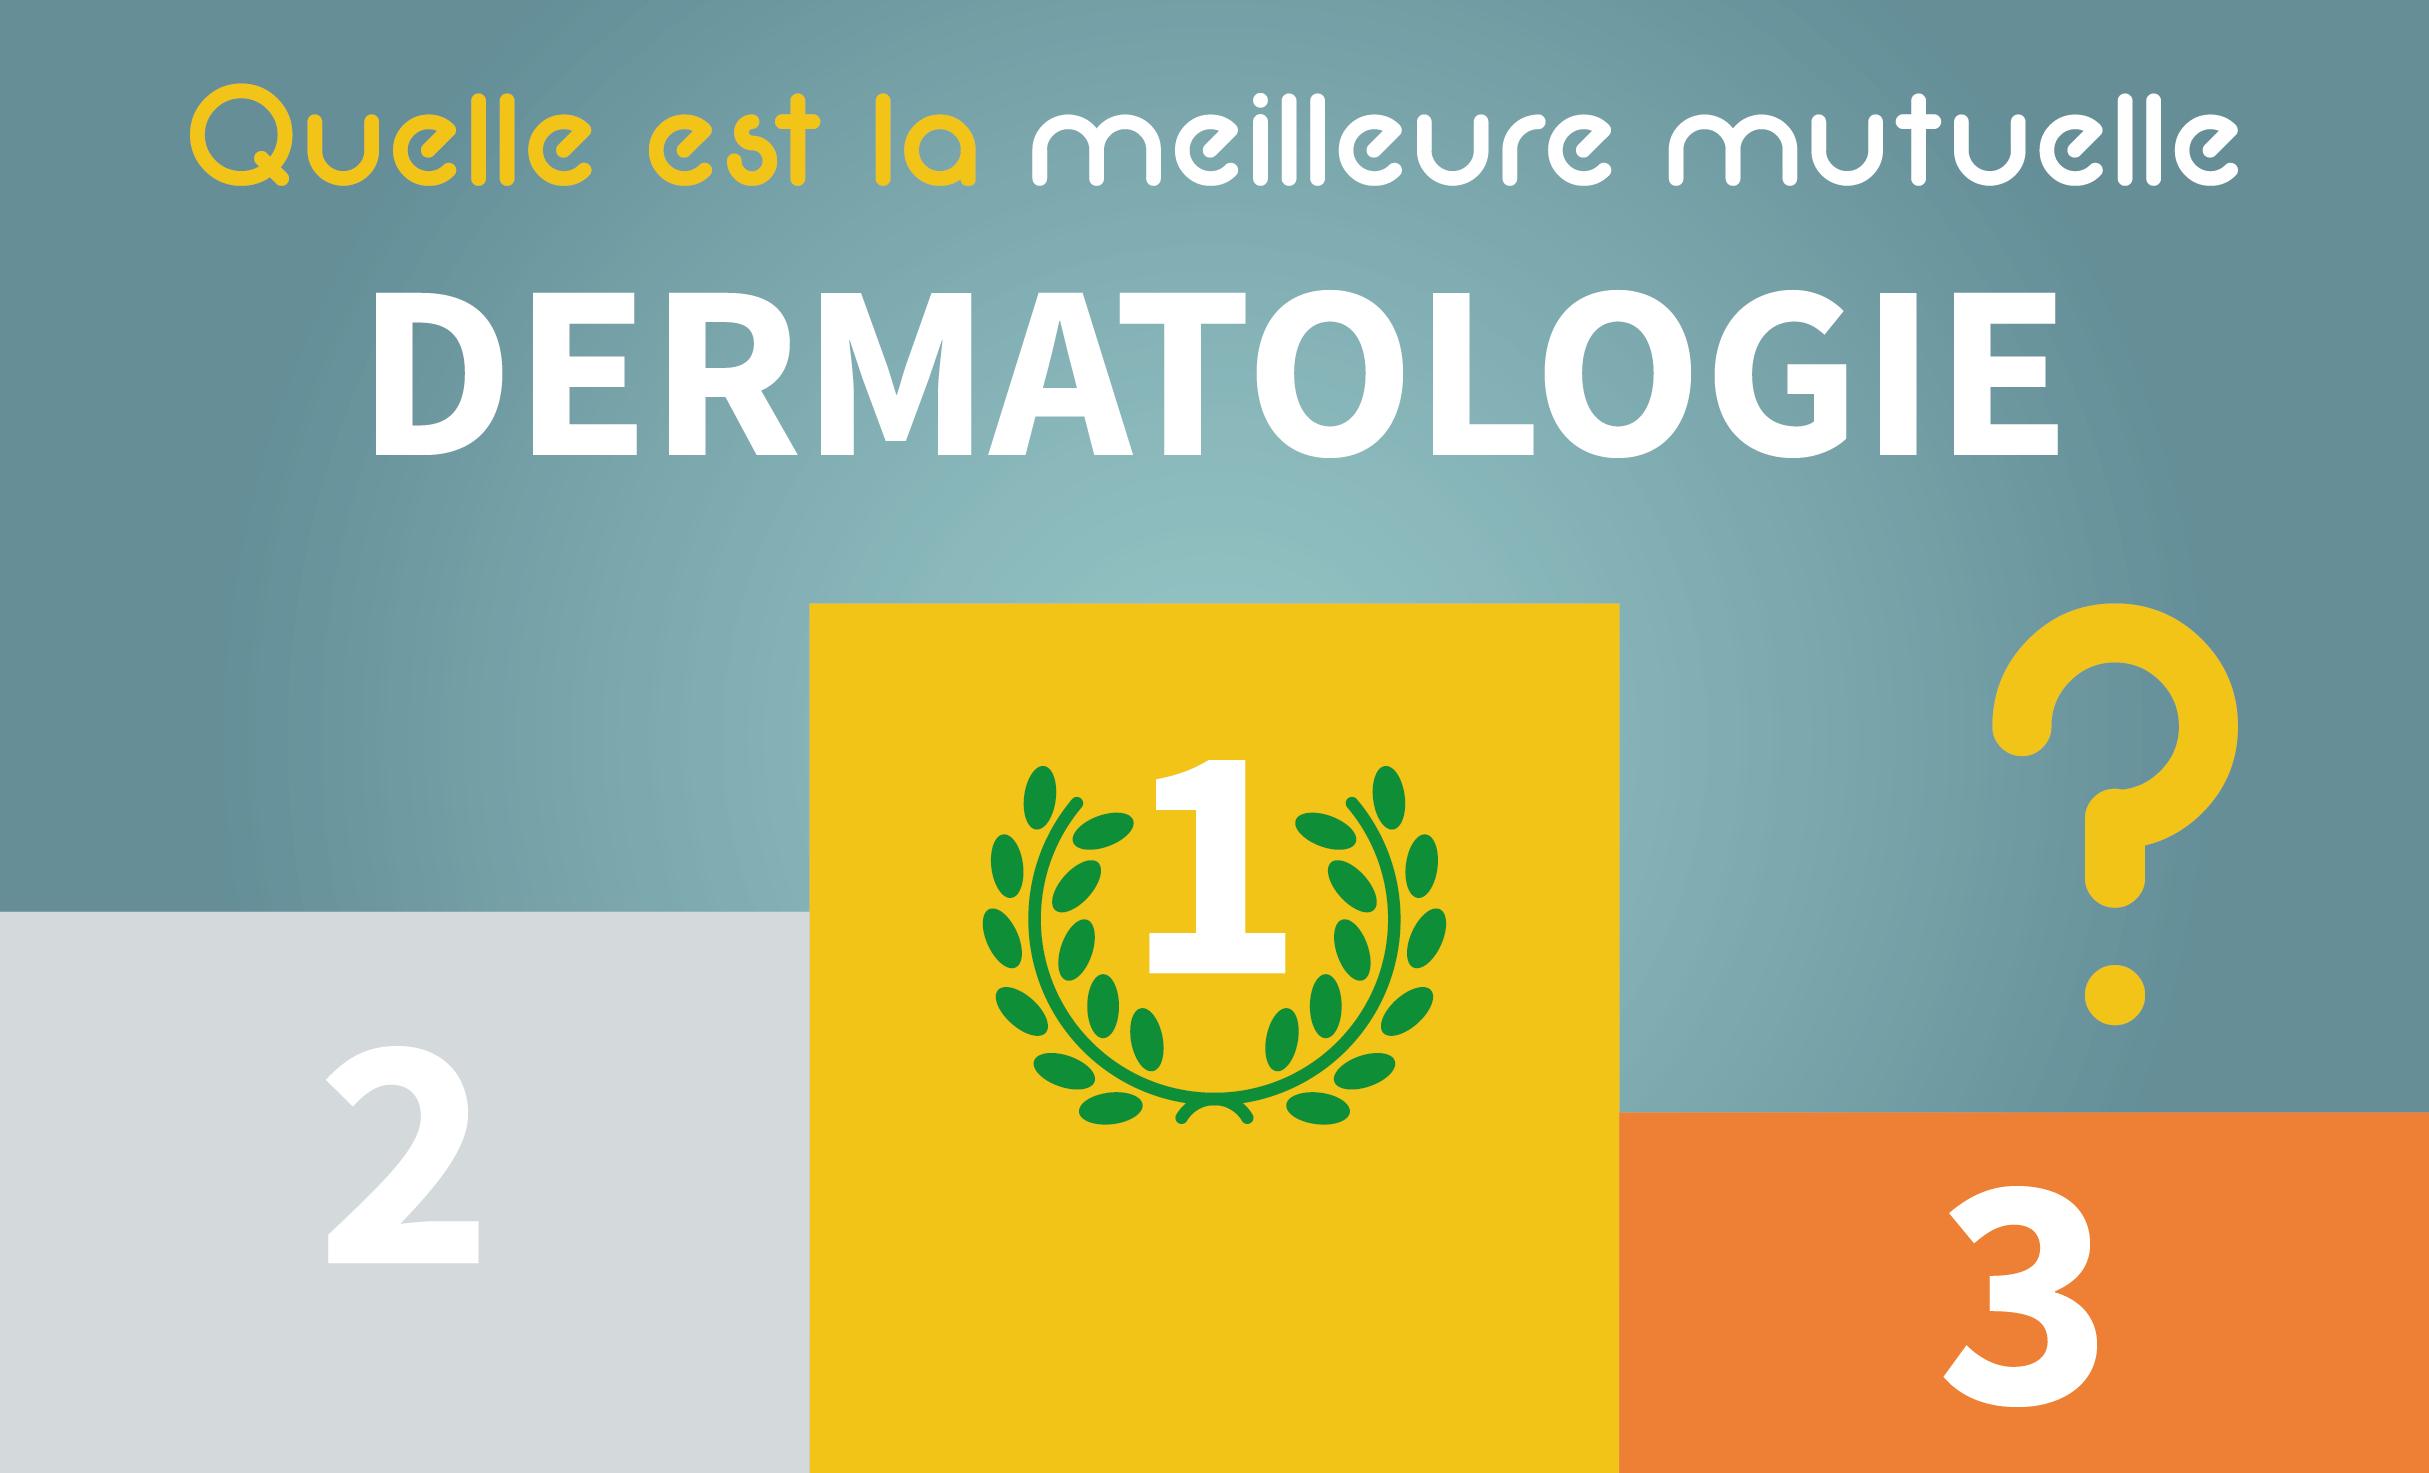 Quelle est la meilleure mutuelle dermatologie ?